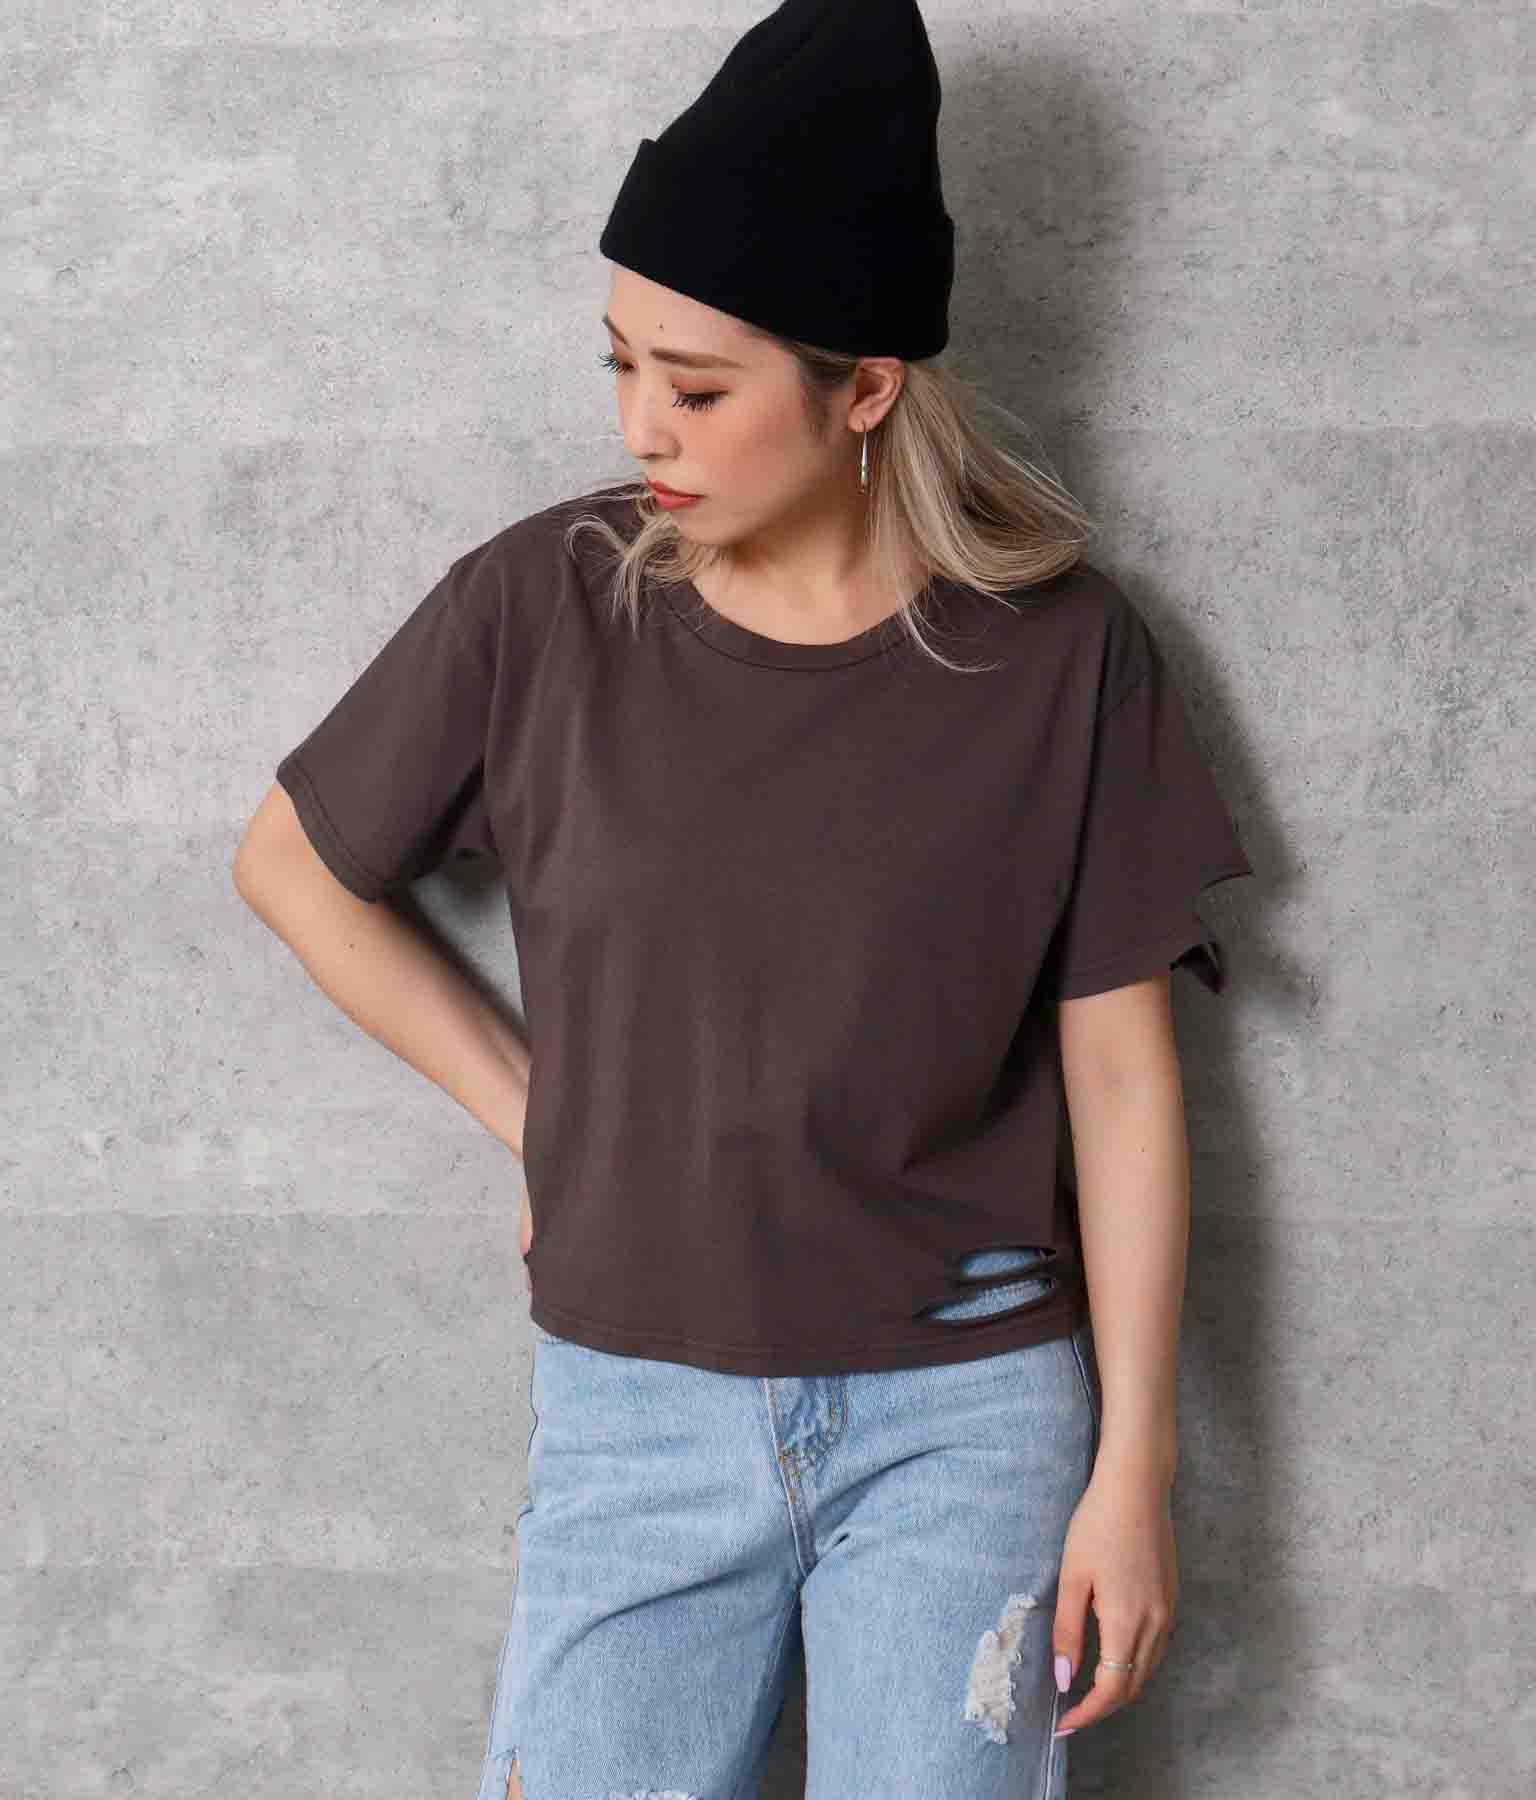 ダメージクロップドTシャツ(トップス/Tシャツ) | ANAP